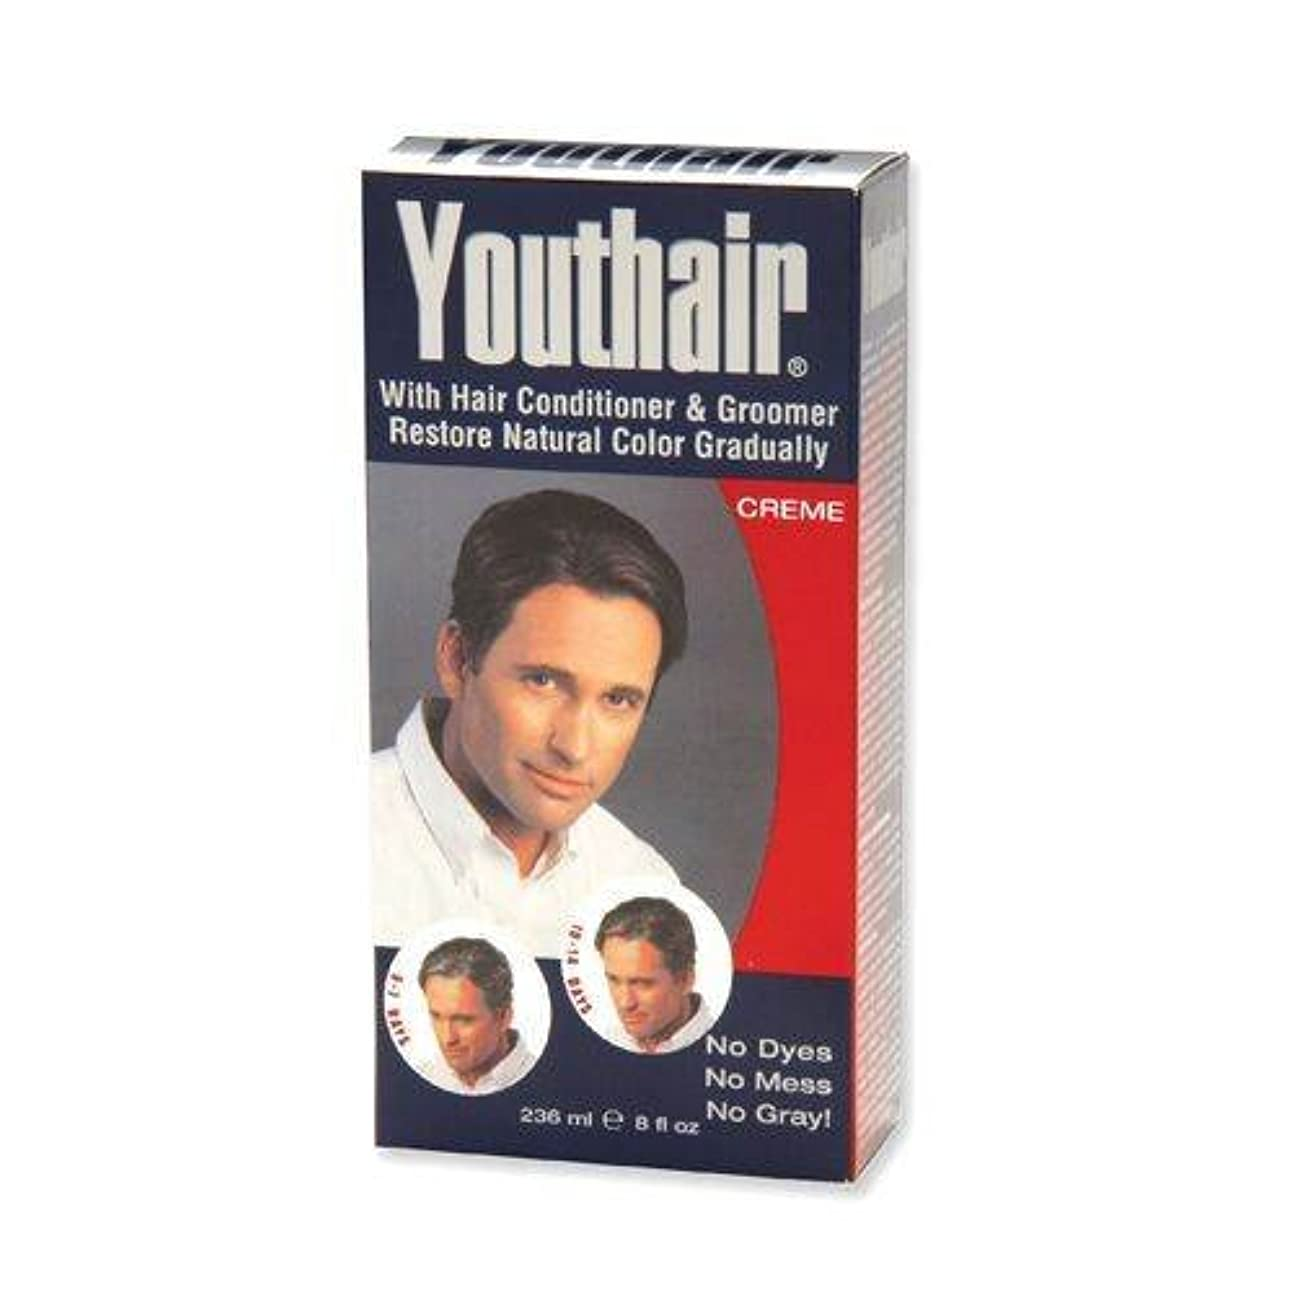 アルコール願う接続されたYOUTHAIR Creme for Men with Hair Conditioner & Groomer Restore Natural Color Gradually 8oz/236ml by Youthair